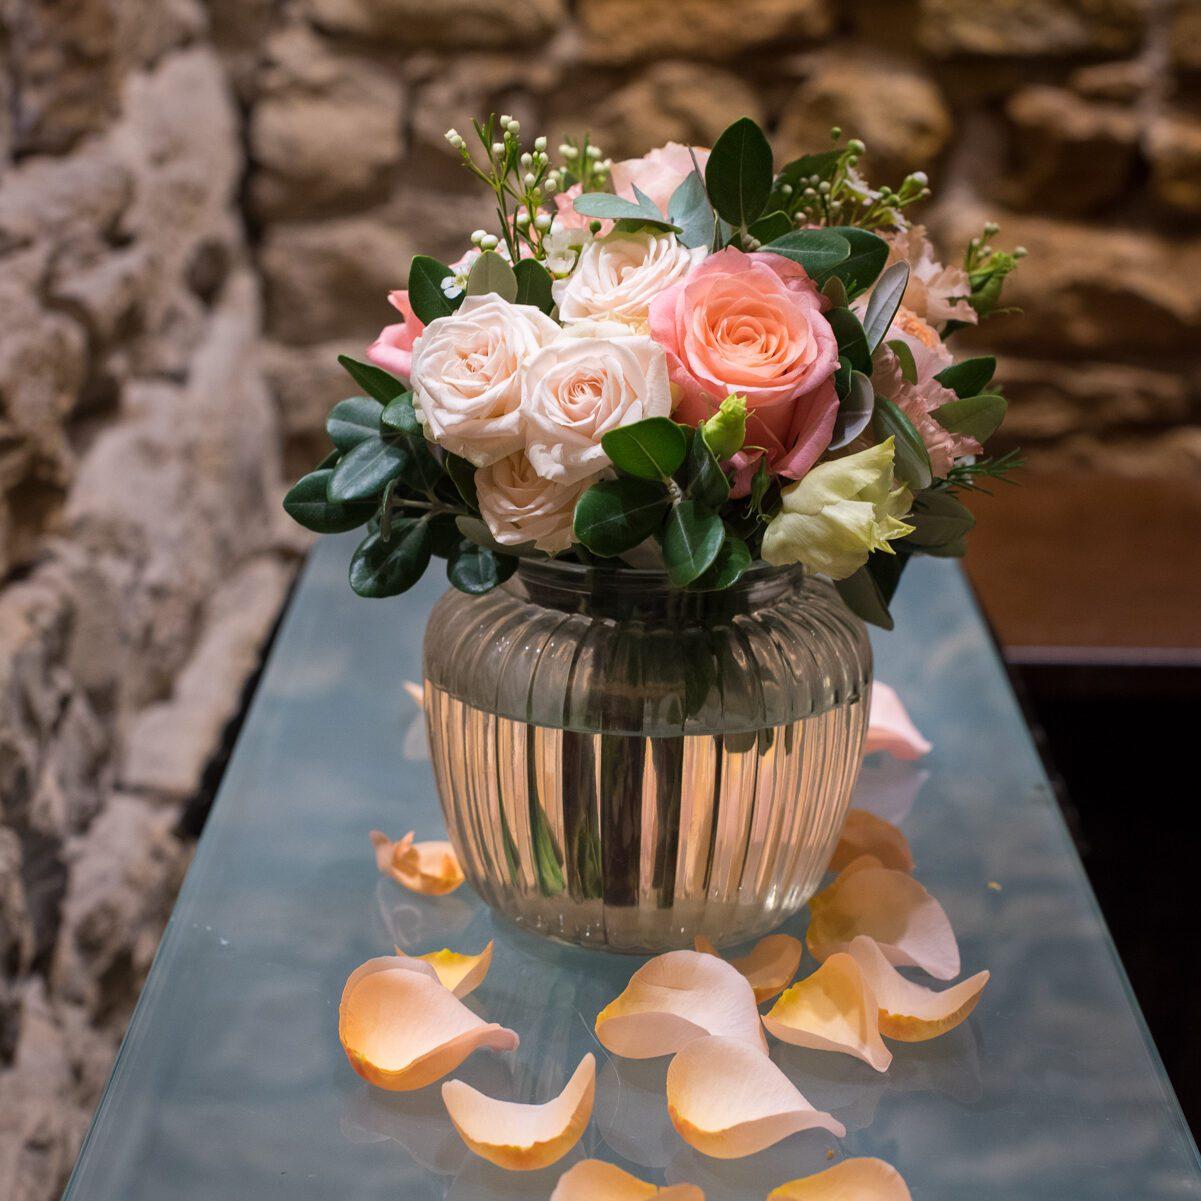 grande_bonbonnières_avec_fleurs_atelier_lavarenne_fleuriste